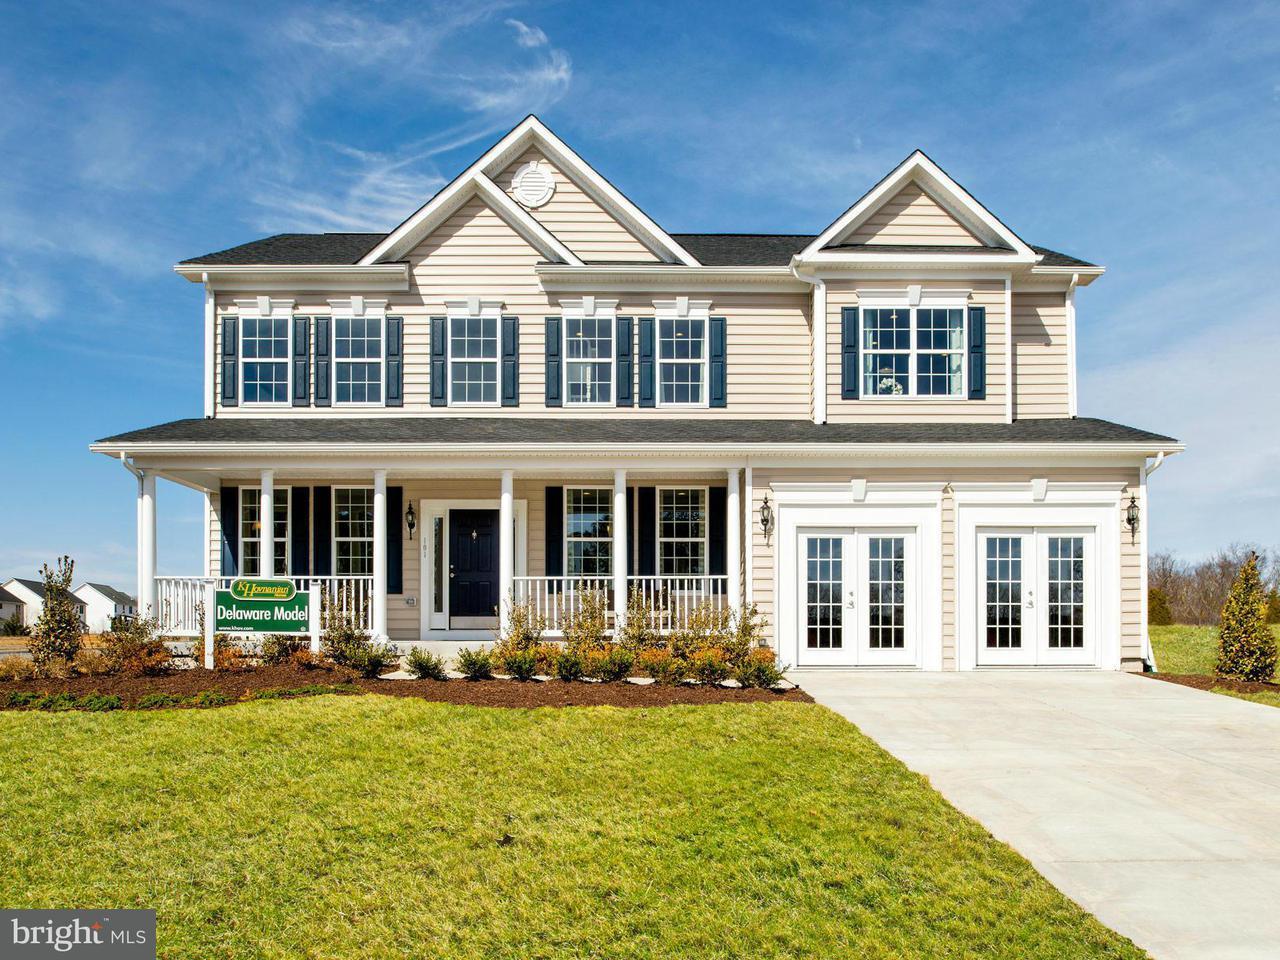 Частный односемейный дом для того Продажа на 101 HANOVERIAN Court 101 HANOVERIAN Court Stephens City, Виргиния 22655 Соединенные Штаты